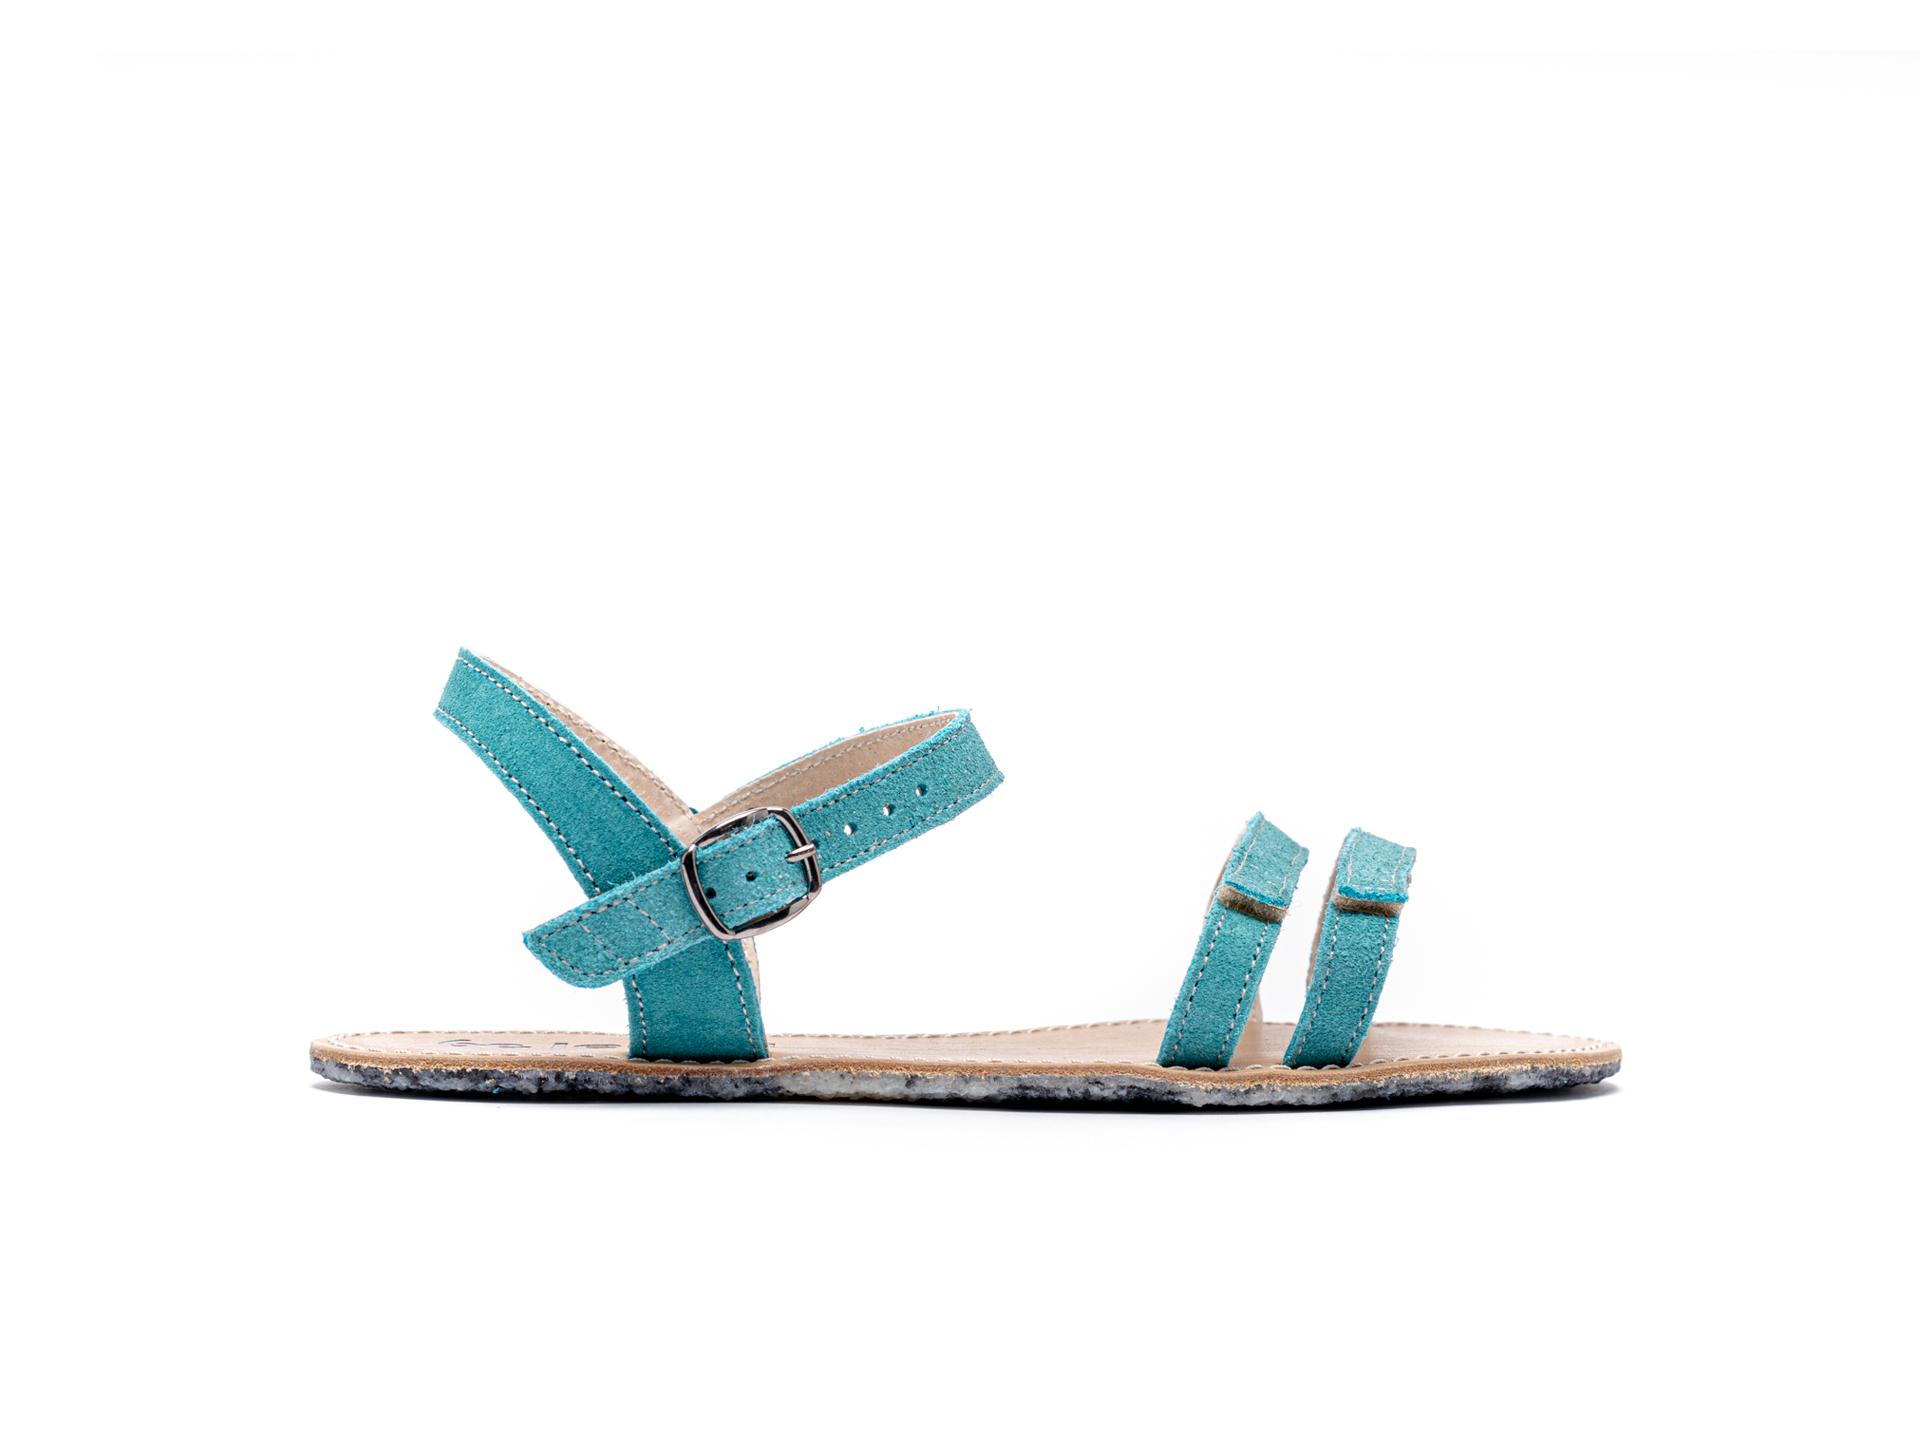 Barefoot Sandals - Be Lenka Summer - Turquoise 36